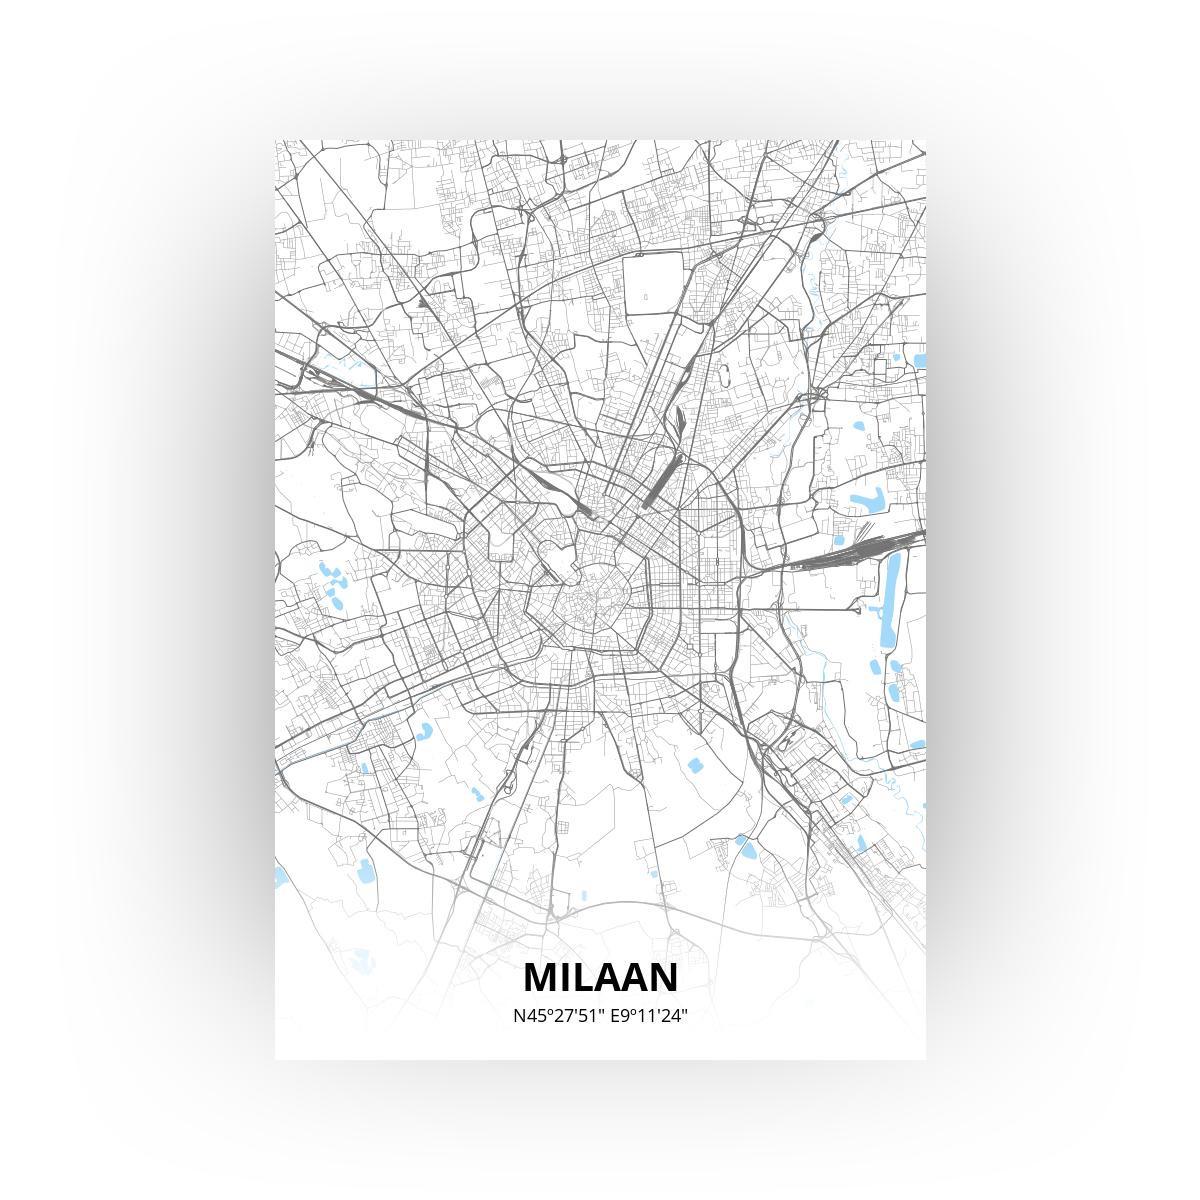 Milaan poster - Zelf aan te passen!